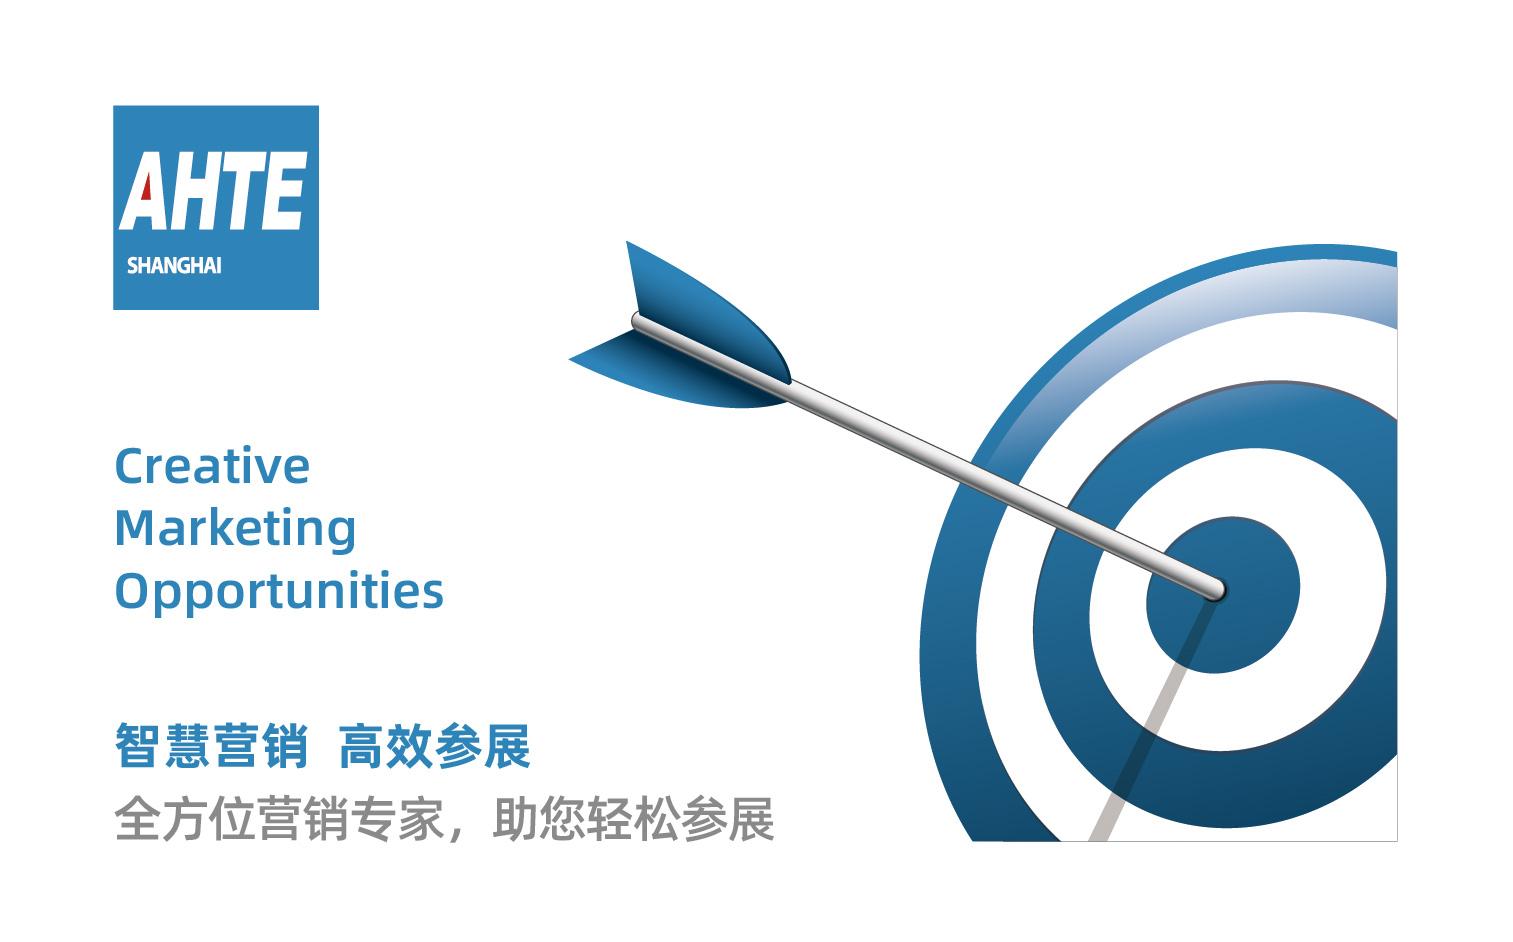 AHTE 2020 CMO | 全新市场推广机会,助您获得更多曝光率